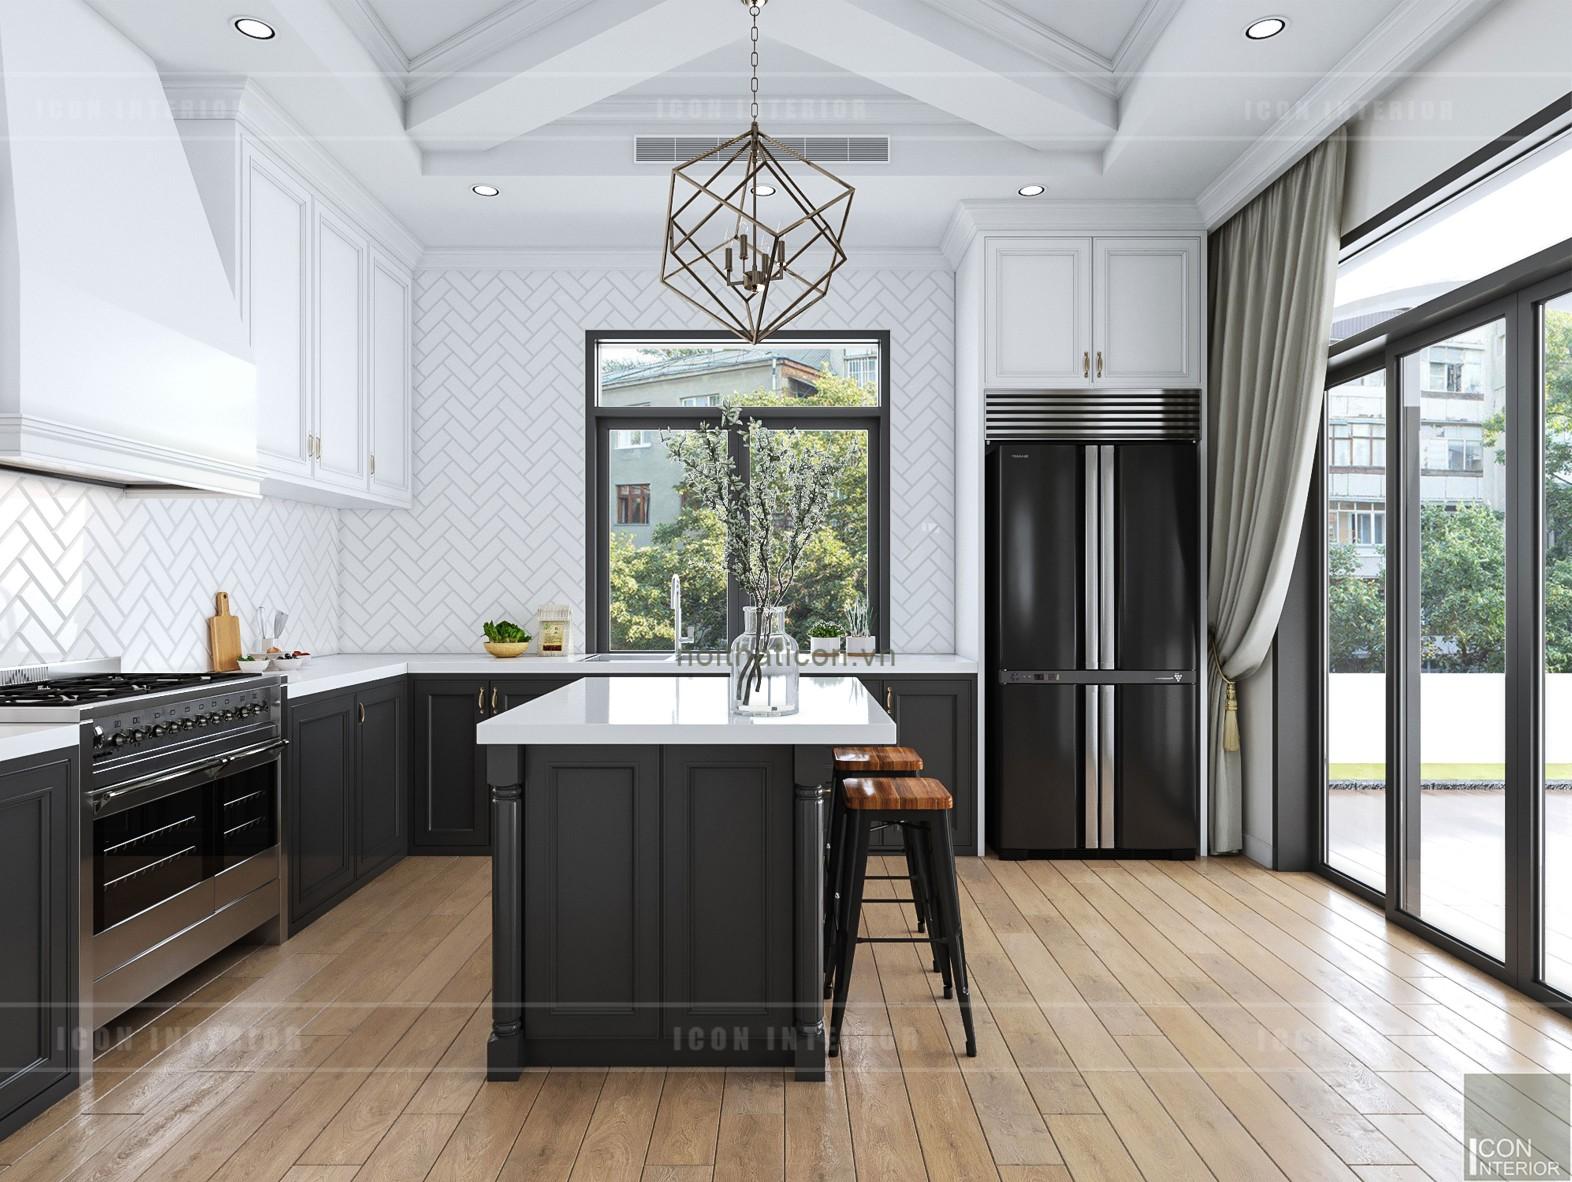 thiết kế biệt thự nghỉ dưỡng - nhà bếp